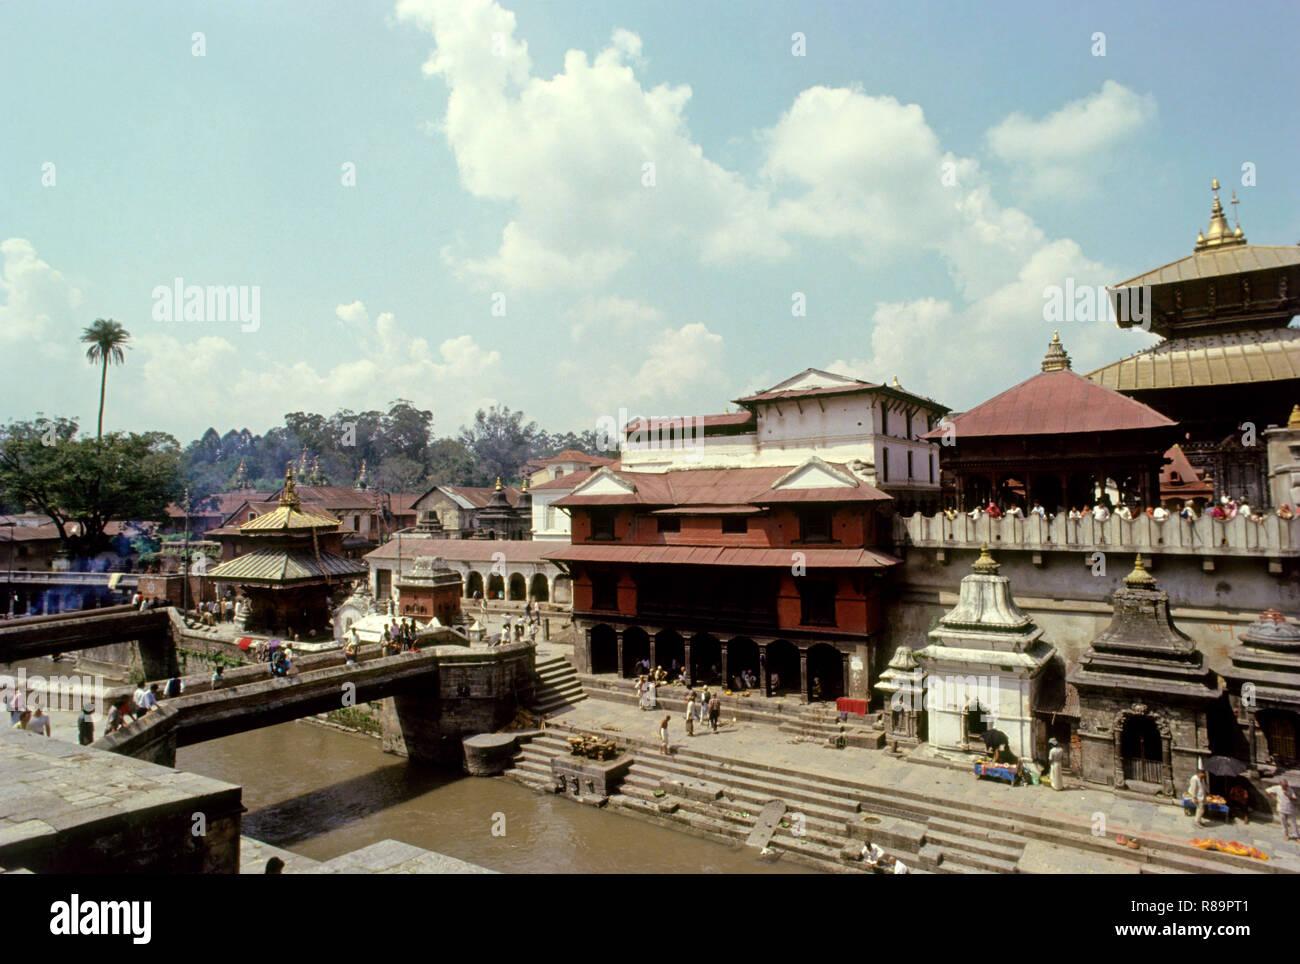 Pashupatinath Hindu Temple, Katmandu, Nepal - Stock Image